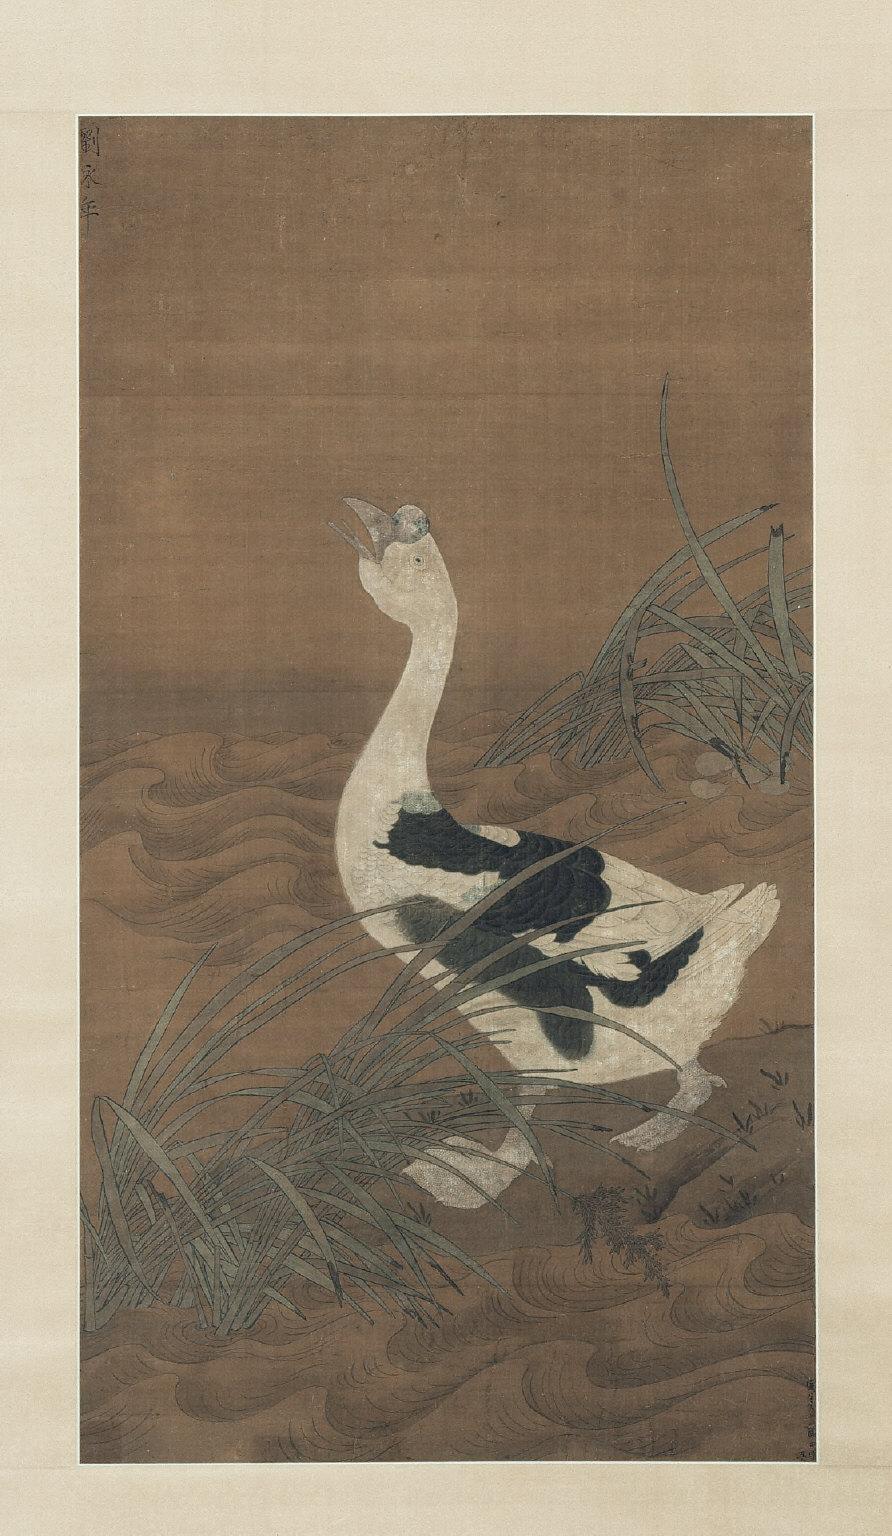 Swan Goose Amonng Water Reeds